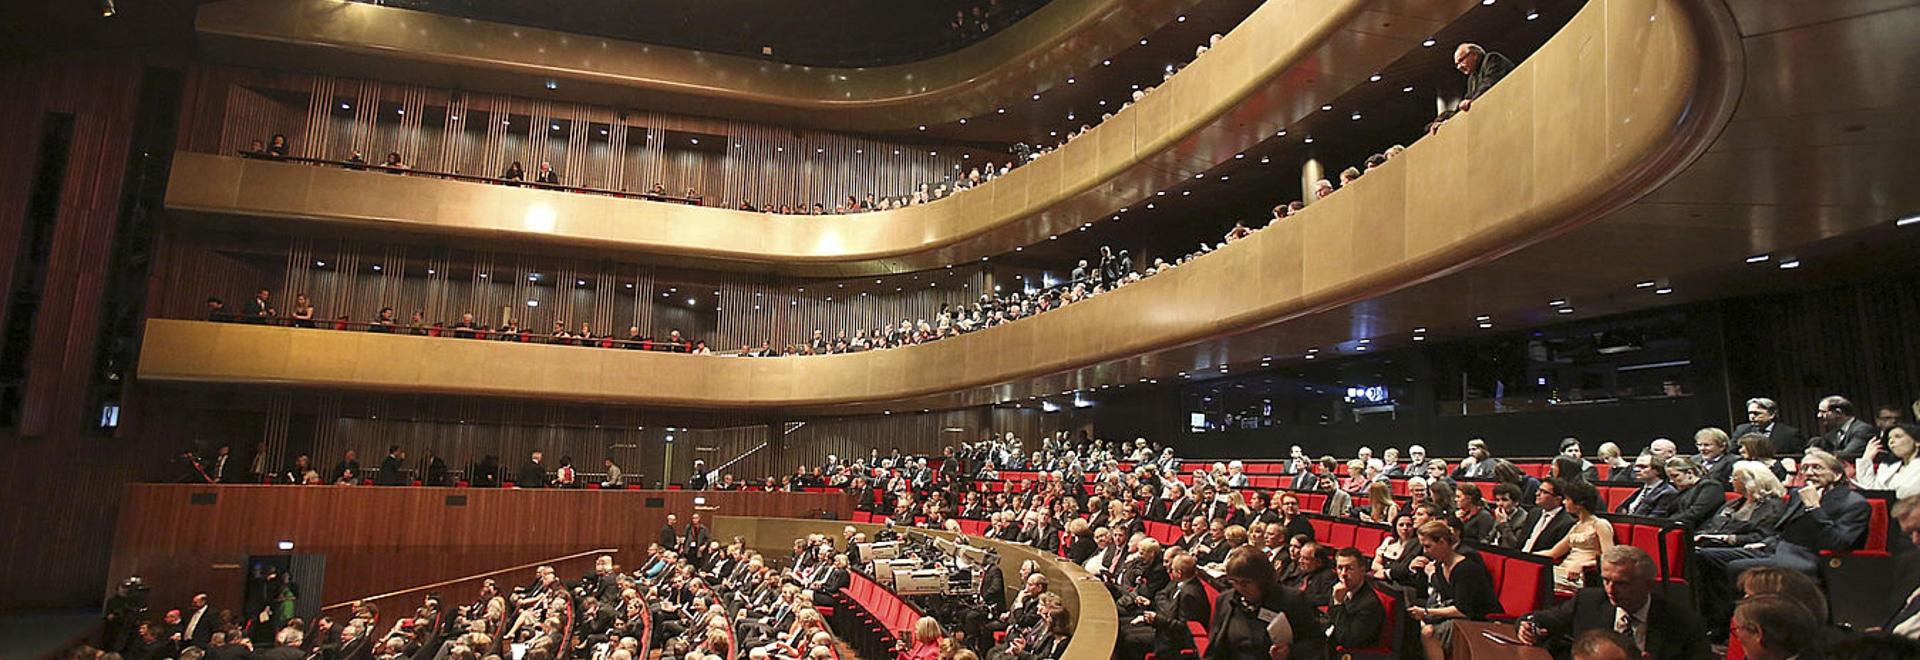 Aislamiento sano y aislamiento de vibración en el teatro de la música en Linz, Austria